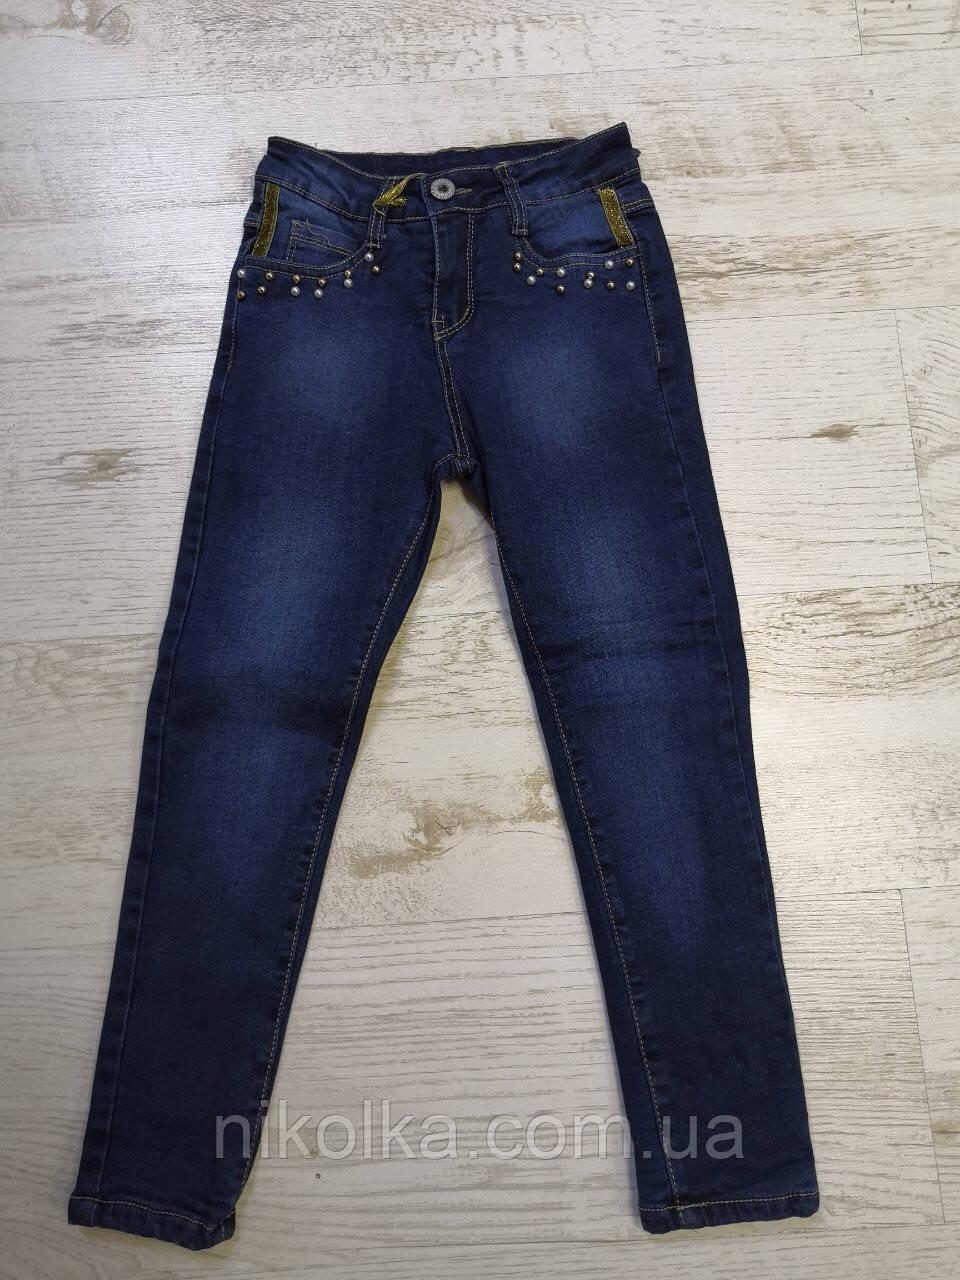 Джинсовые брюки на фисе для девочек оптом, Seagull 134-164 рр., арт. CSQ-1820